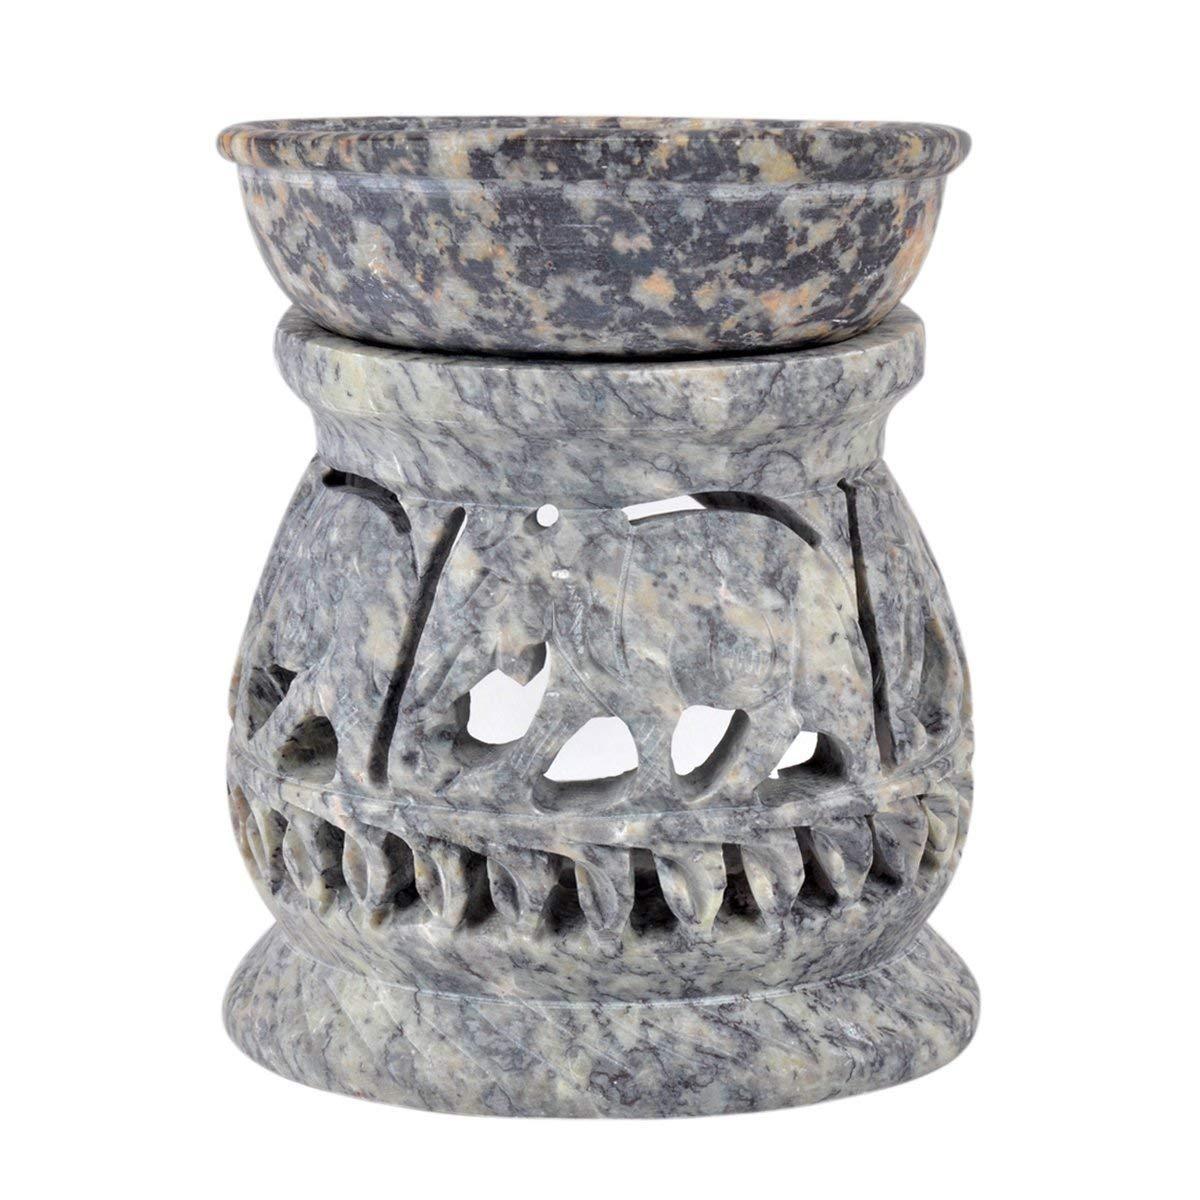 diffusore di Oli con Elefante Scultura per arredamenti portacandela Decorativo Realizzato in Pietra ollare Hashcart Portacandela